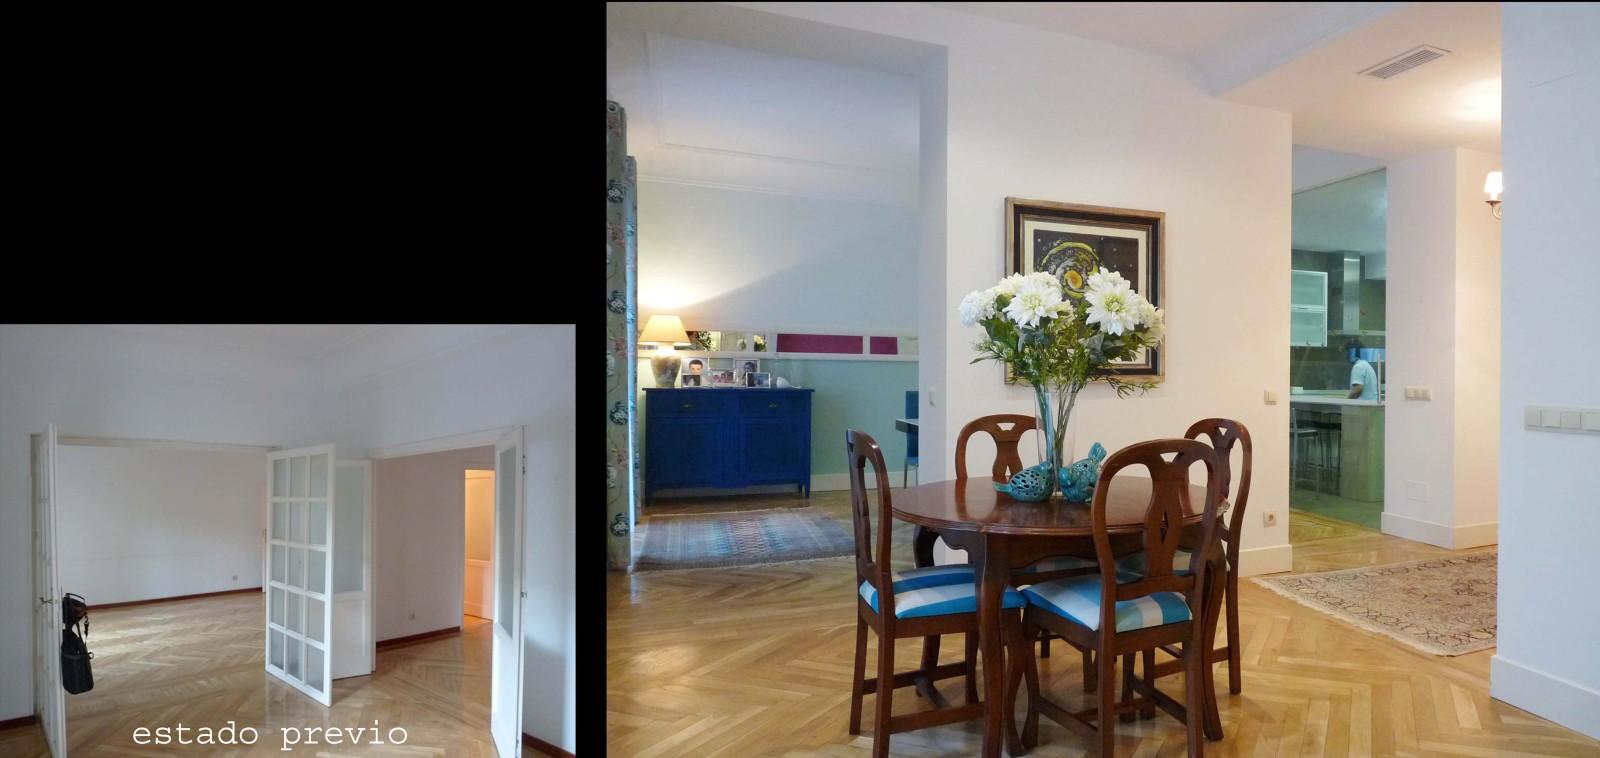 Se trataron muebles y objetos que ya habían en la vivienda para adaptarlos a la nueva decoración.